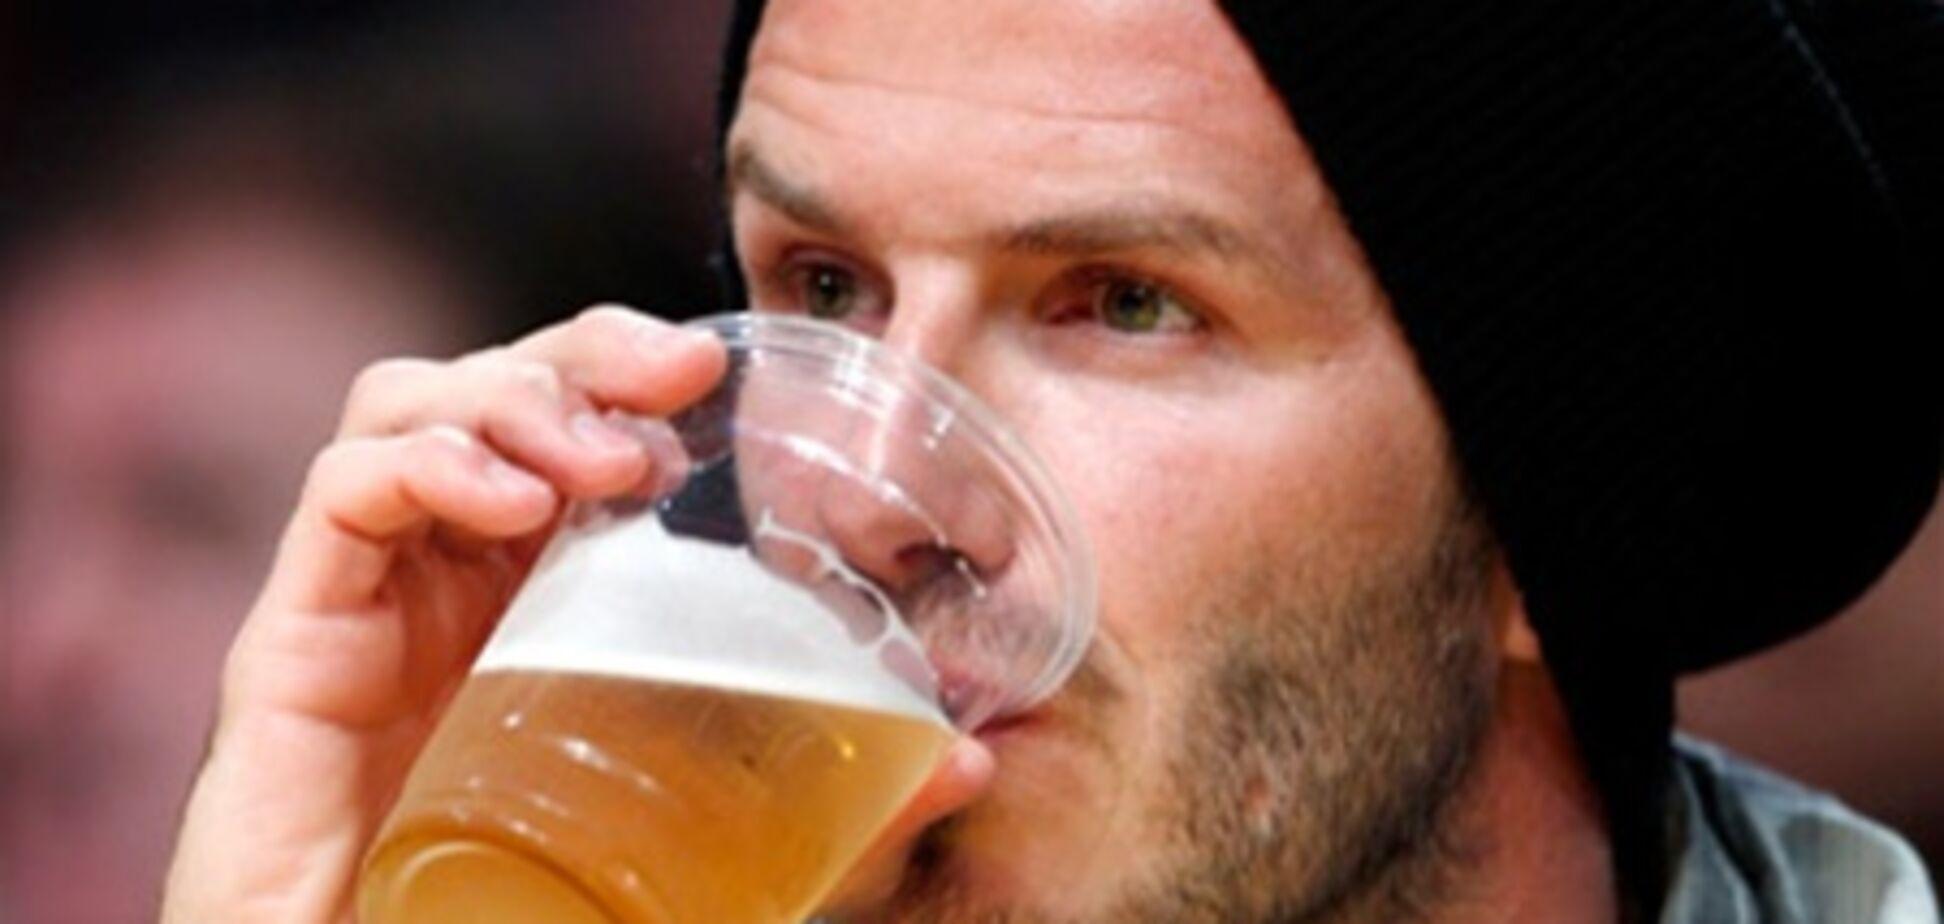 Пиво и ЛСД включили в рейтинг самых странных видов допинга